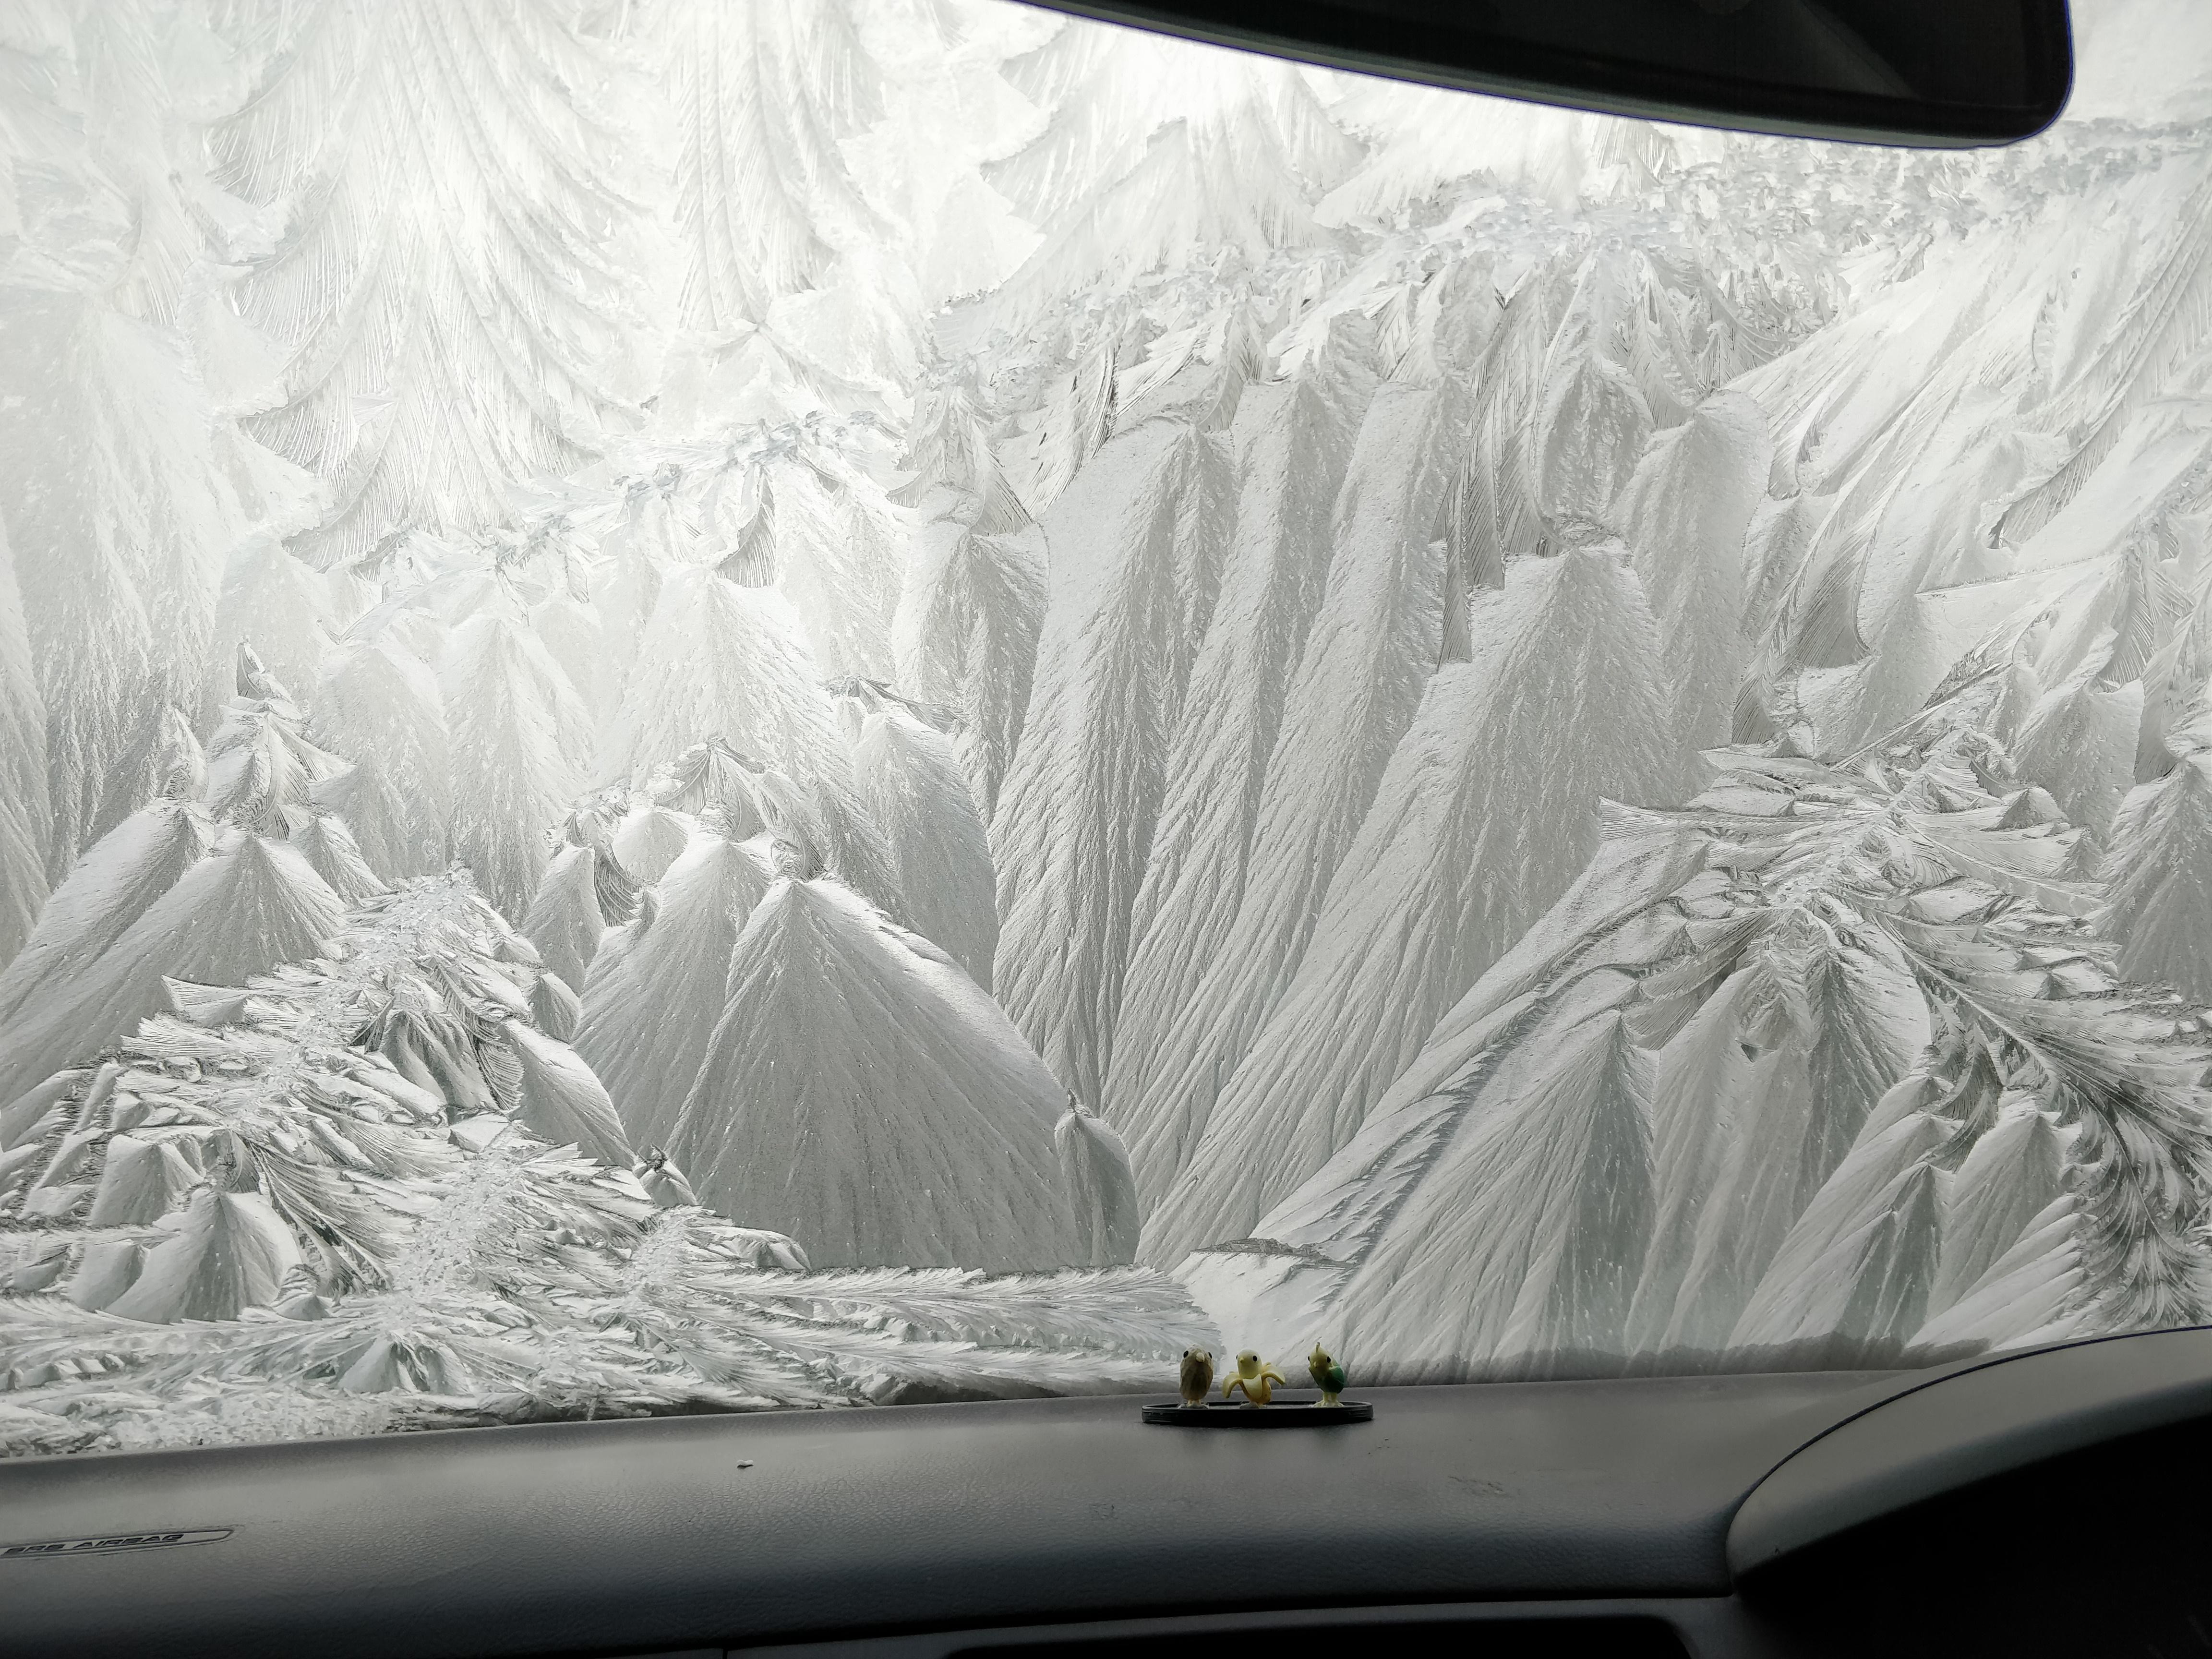 Узор на замёрзшем лобовом стекле напоминает заснеженные горы. Автор Liamers